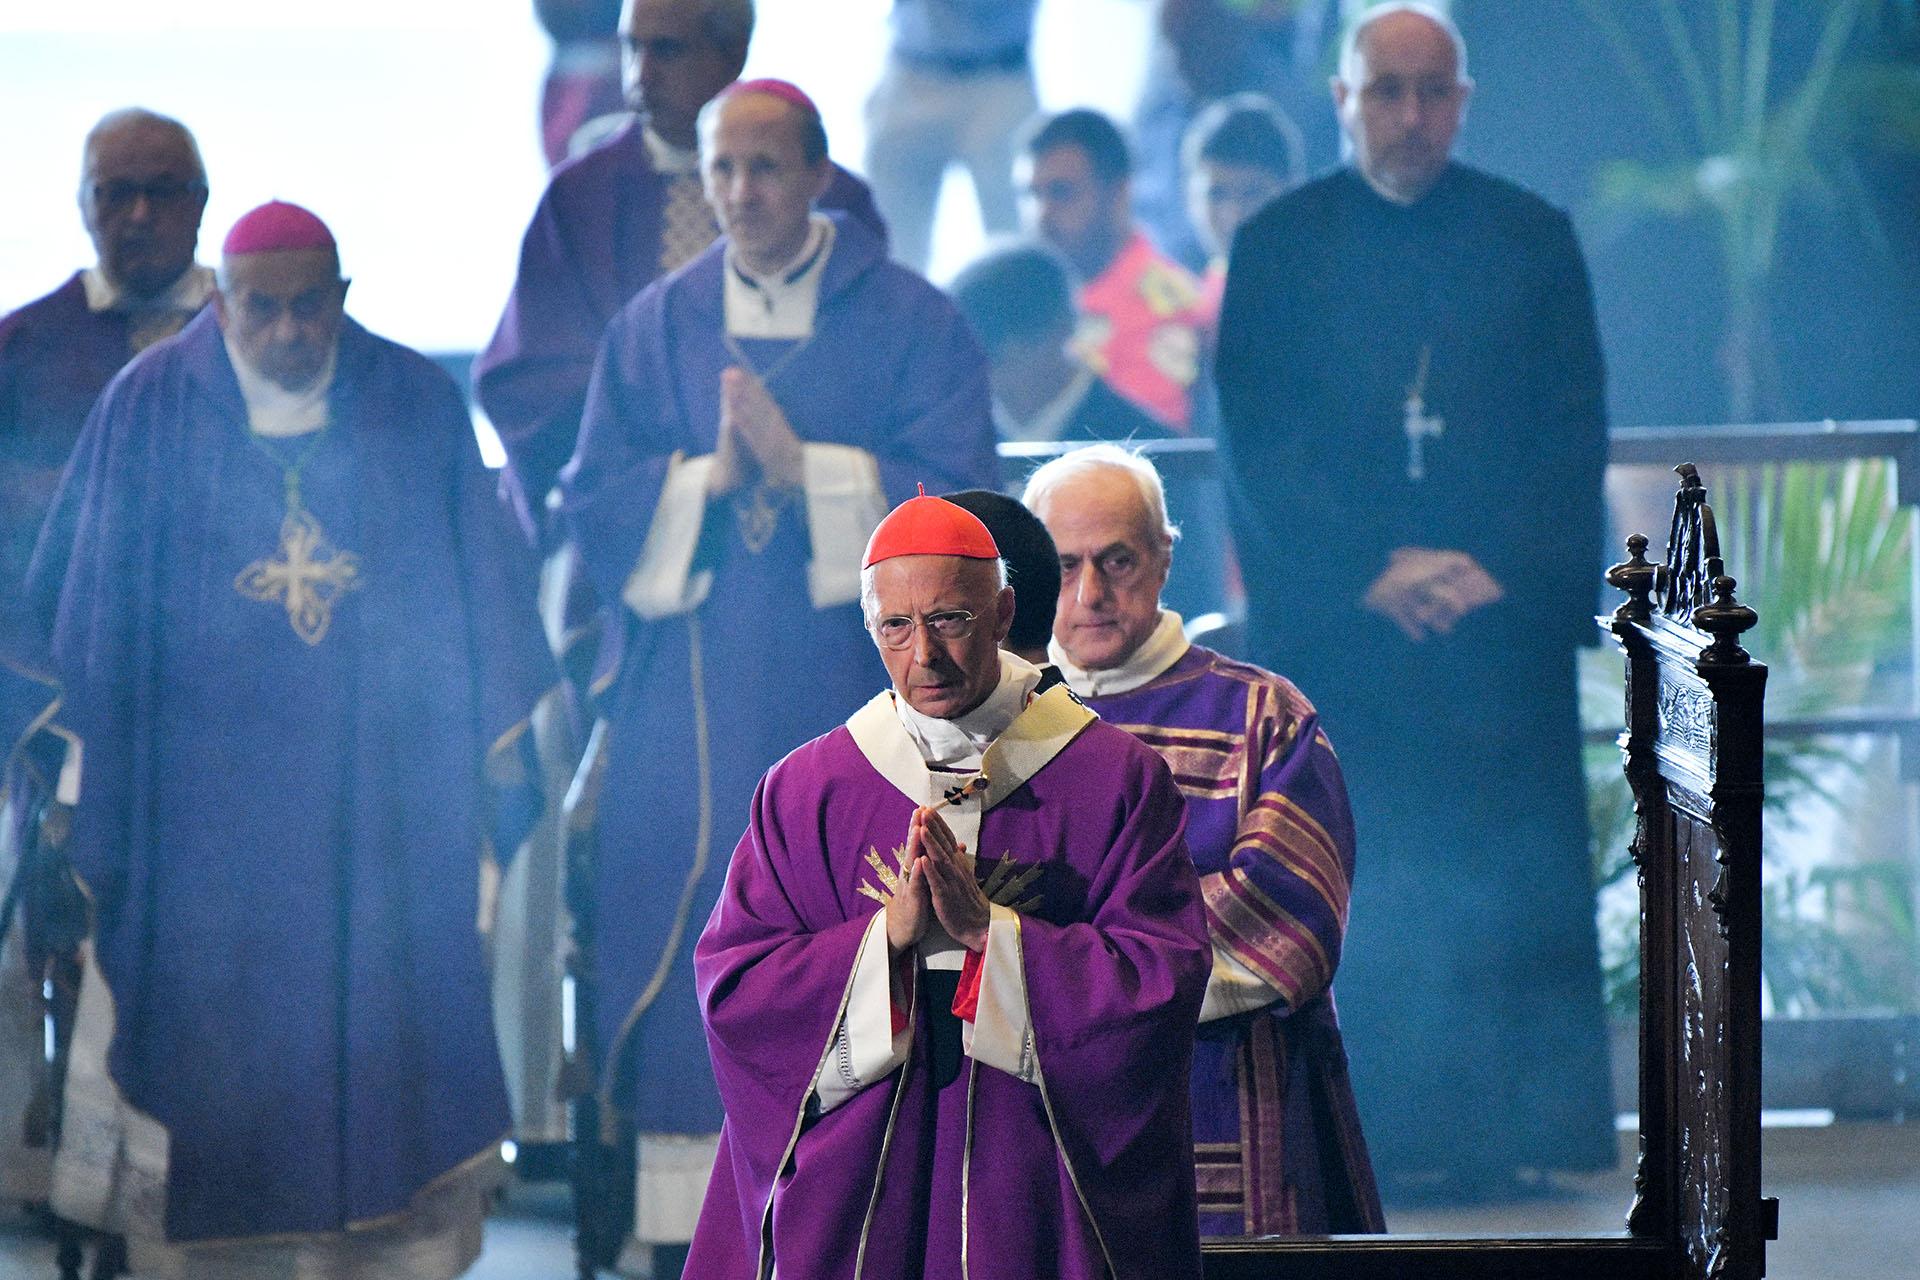 Hubo una misa en homenaje a las víctimas. AFP PHOTO / Piero CRUCIATTI